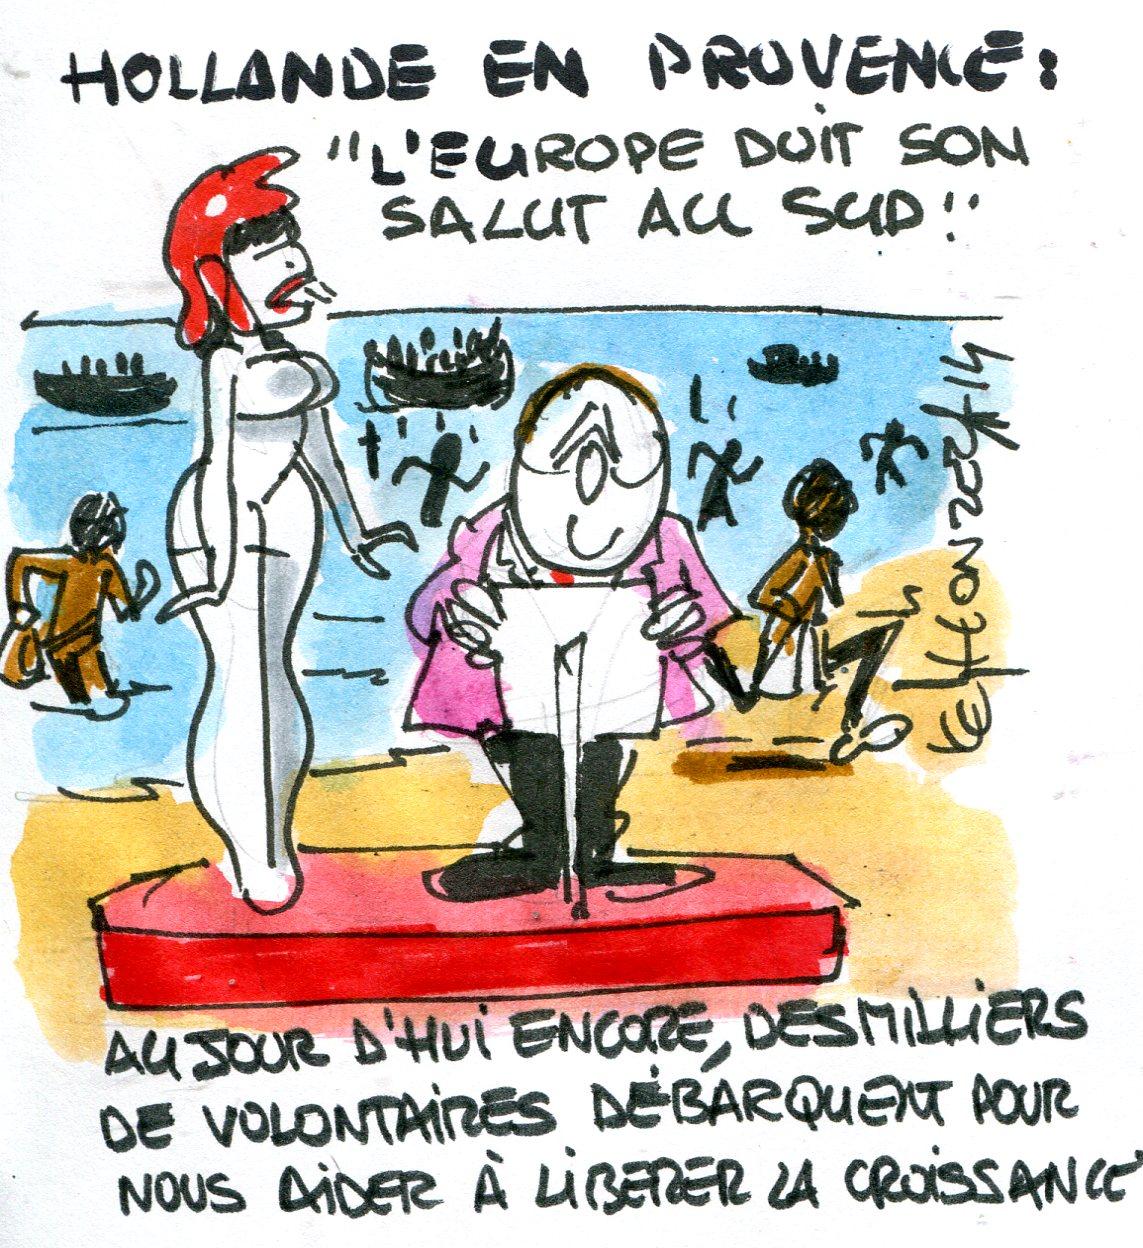 François Hollande débarquement de Provence (Crédits René Le Honzec Contrepoints.org, licence Creative Commons)